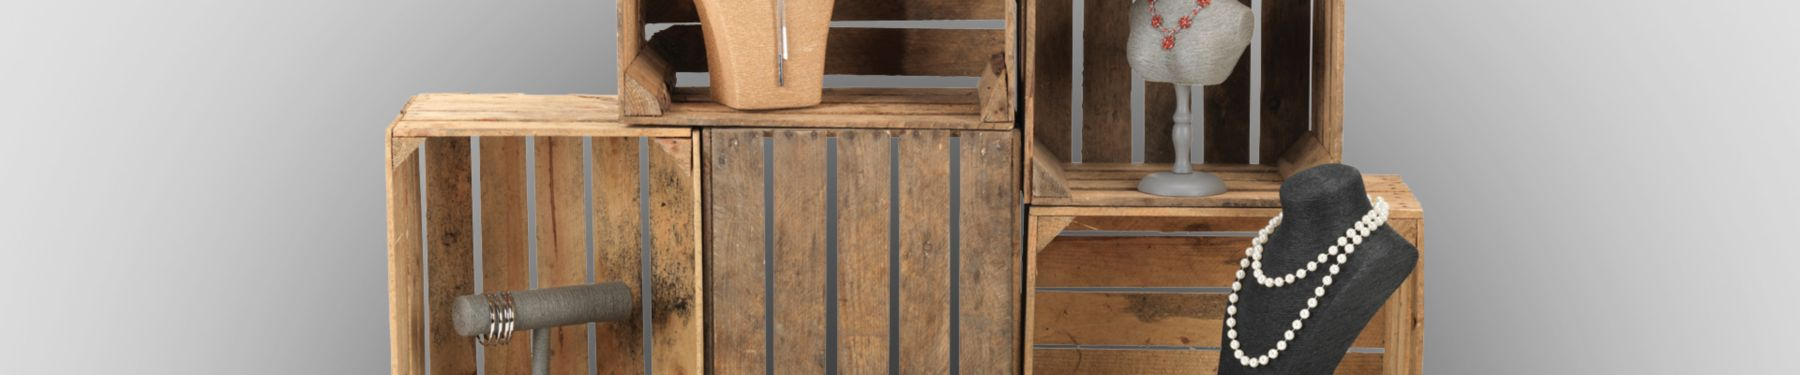 Morplan - Rustic Crates